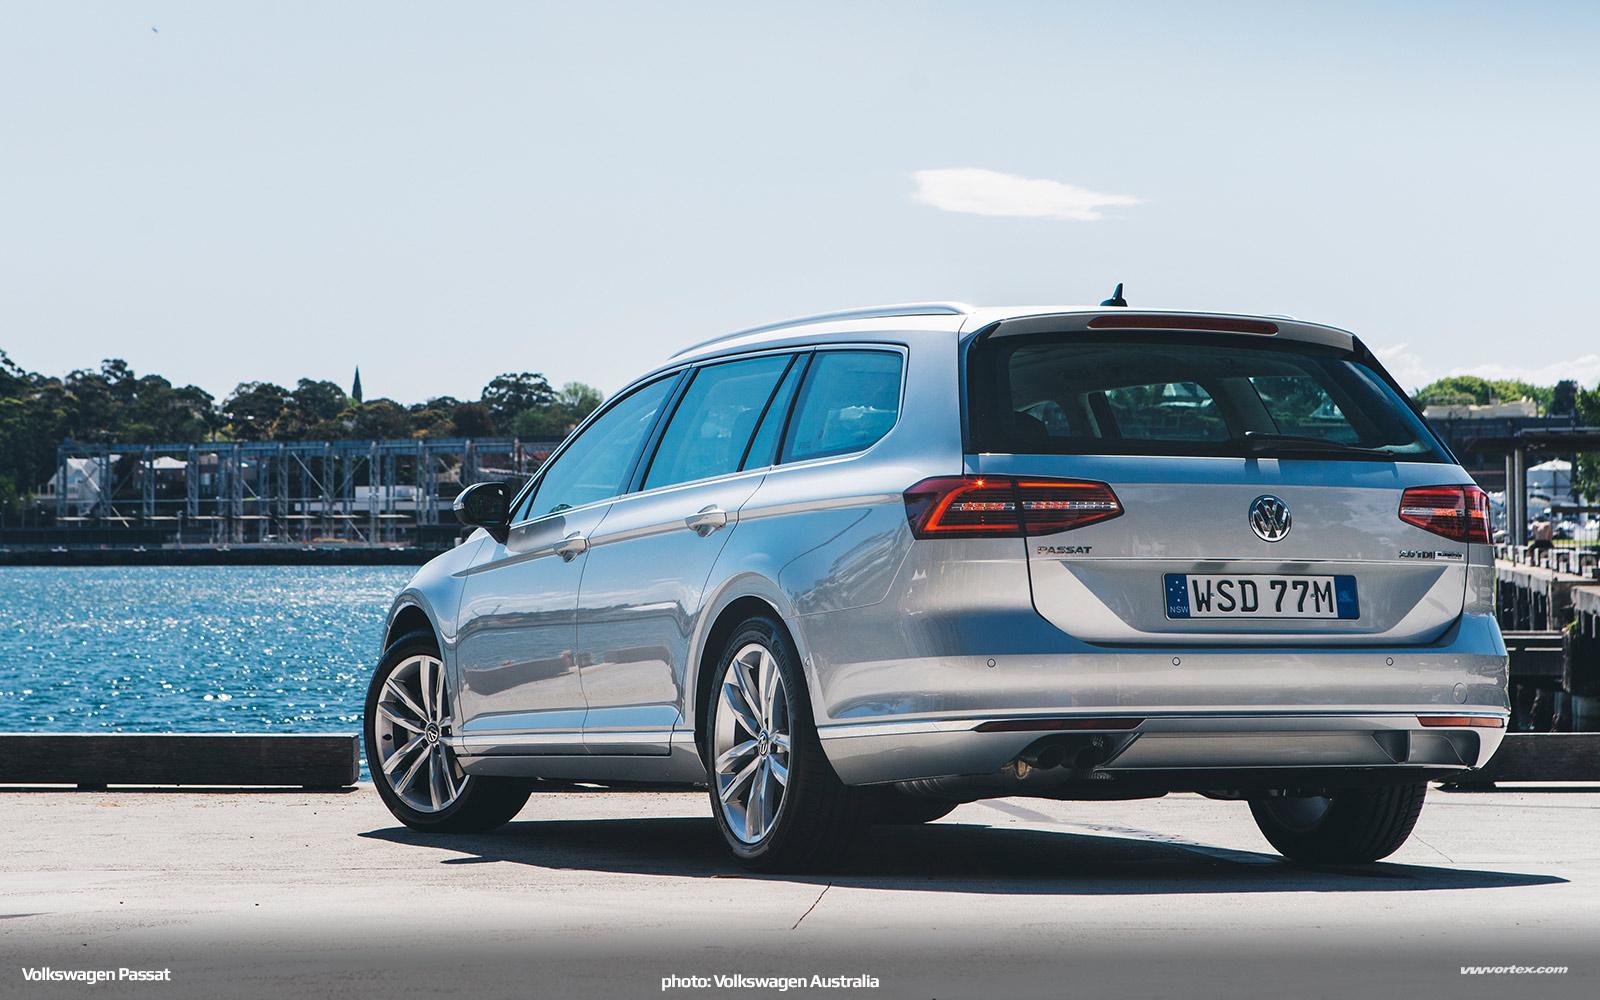 Volkswagen-Passat-Australia-2016-294